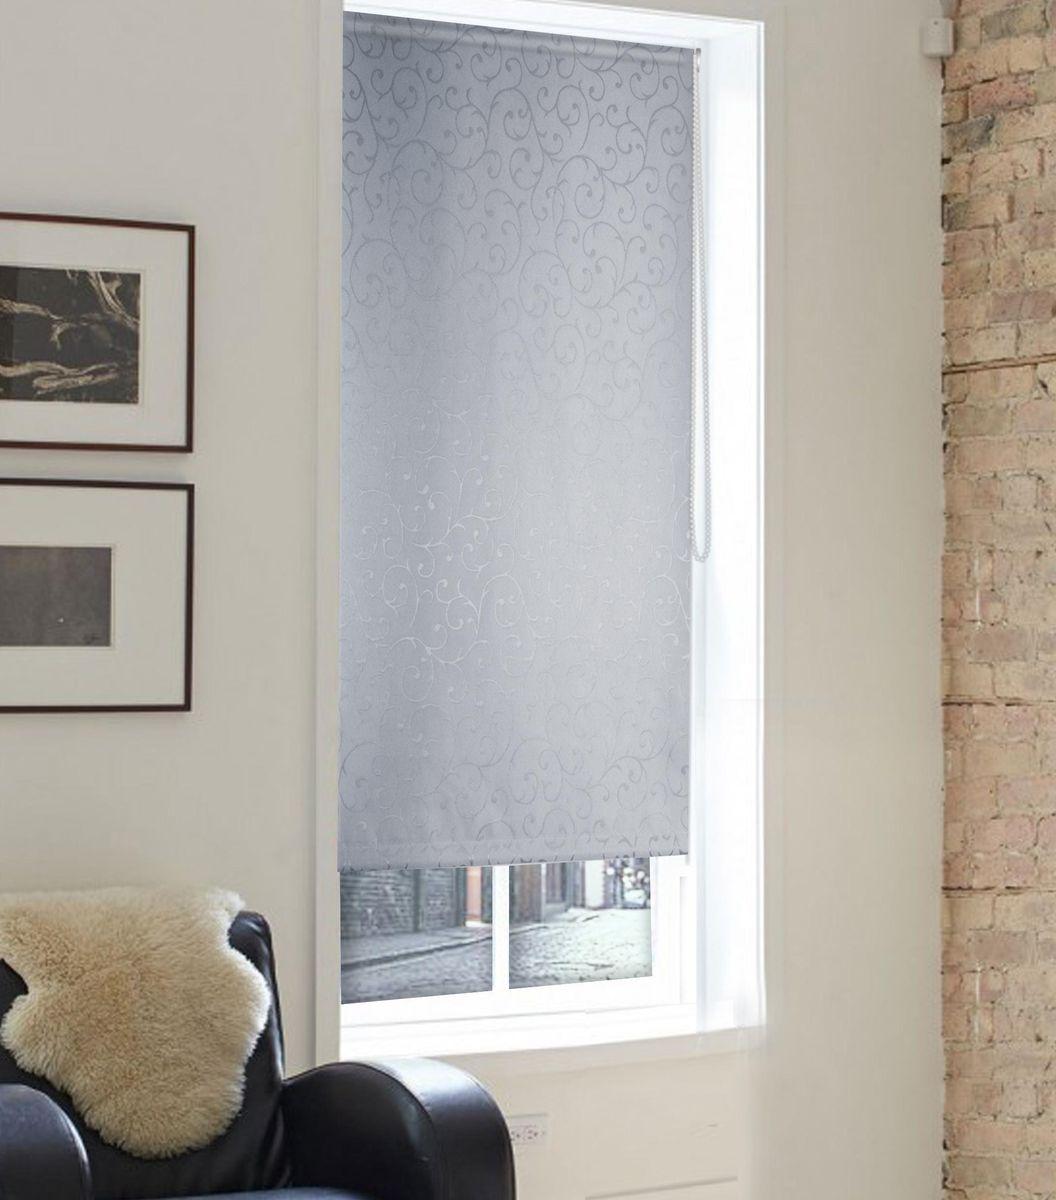 Штора рулонная Эскар Агат, цвет: серый, ширина 130 см, высота 160 см87022130160Рулонными шторами можно оформлять окна как самостоятельно, так и использовать в комбинации с портьерами. Это поможет предотвратить выгорание дорогой ткани на солнце и соединит функционал рулонных с красотой навесных.Преимущества применения рулонных штор для пластиковых окон:- имеют прекрасный внешний вид: многообразие и фактурность материала изделия отлично смотрятся в любом интерьере; - многофункциональны: есть возможность подобрать шторы способные эффективно защитить комнату от солнца, при этом она не будет слишком темной.- Есть возможность осуществить быстрый монтаж.ВНИМАНИЕ! Размеры ширины изделия указаны по ширине ткани!Во время эксплуатации не рекомендуется полностью разматывать рулон, чтобы не оторвать ткань от намоточного вала.В случае загрязнения поверхности ткани, чистку шторы проводят одним из способов, в зависимости от типа загрязнения: легкое поверхностное загрязнение можно удалить при помощи канцелярского ластика; чистка от пыли производится сухим методом при помощи пылесоса с мягкой щеткой-насадкой; для удаления пятна используйте мягкую губку с пенообразующим неагрессивным моющим средством или пятновыводитель на натуральной основе (нельзя применять растворители).